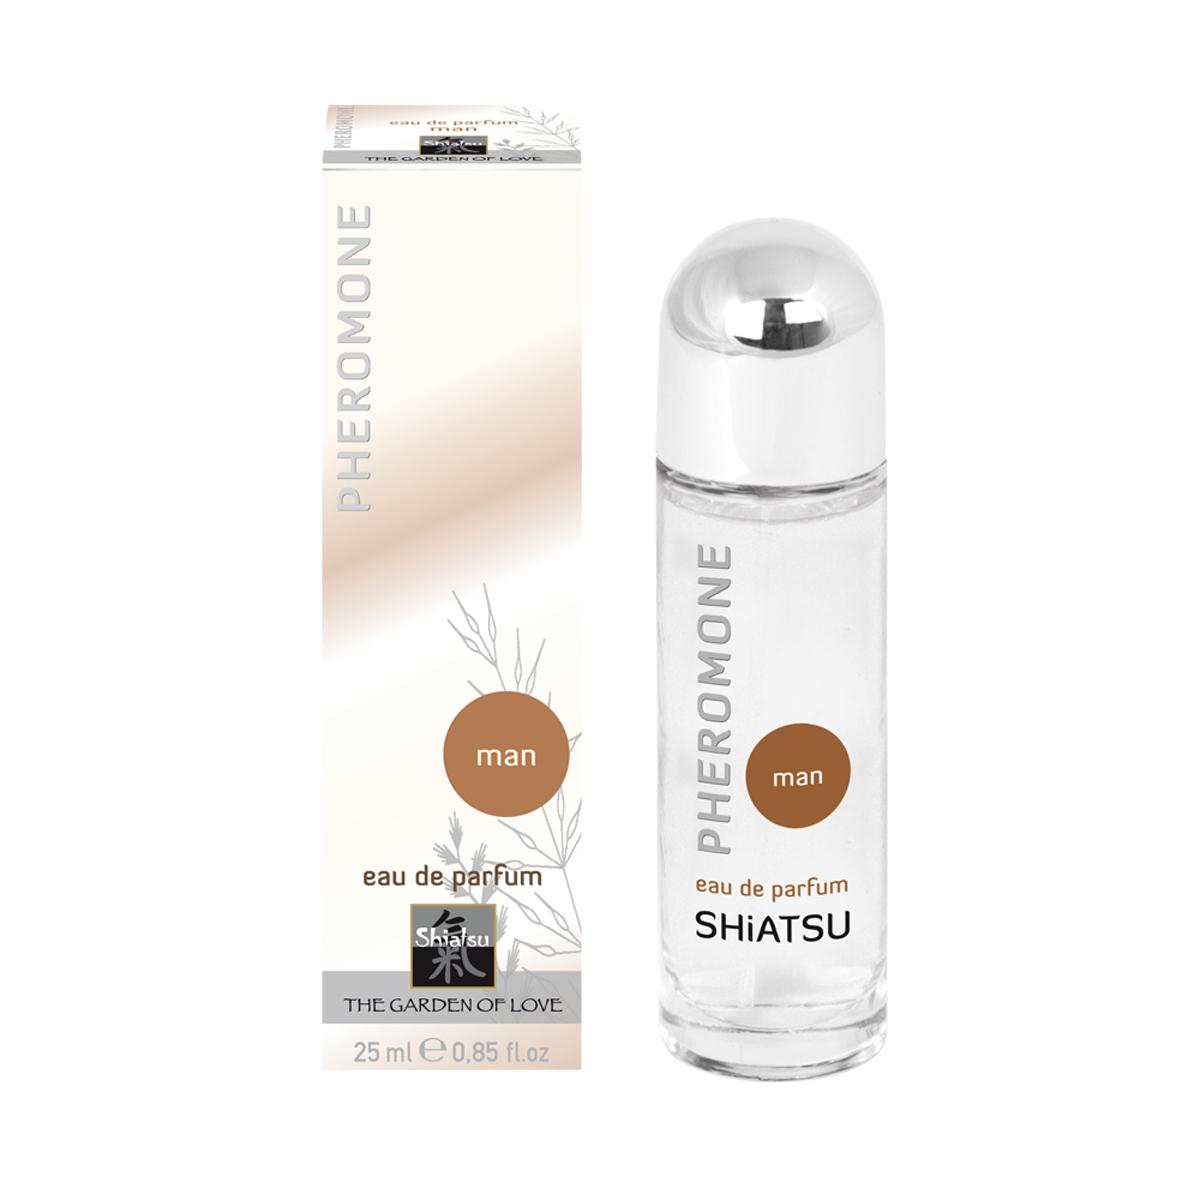 Shiatsu Мужские духи с феромонами Shiatsu, 25 мл66101Высококачественный парфюм, обогащенный феромонами. Стильный мужской аромат поразит всех женщин.